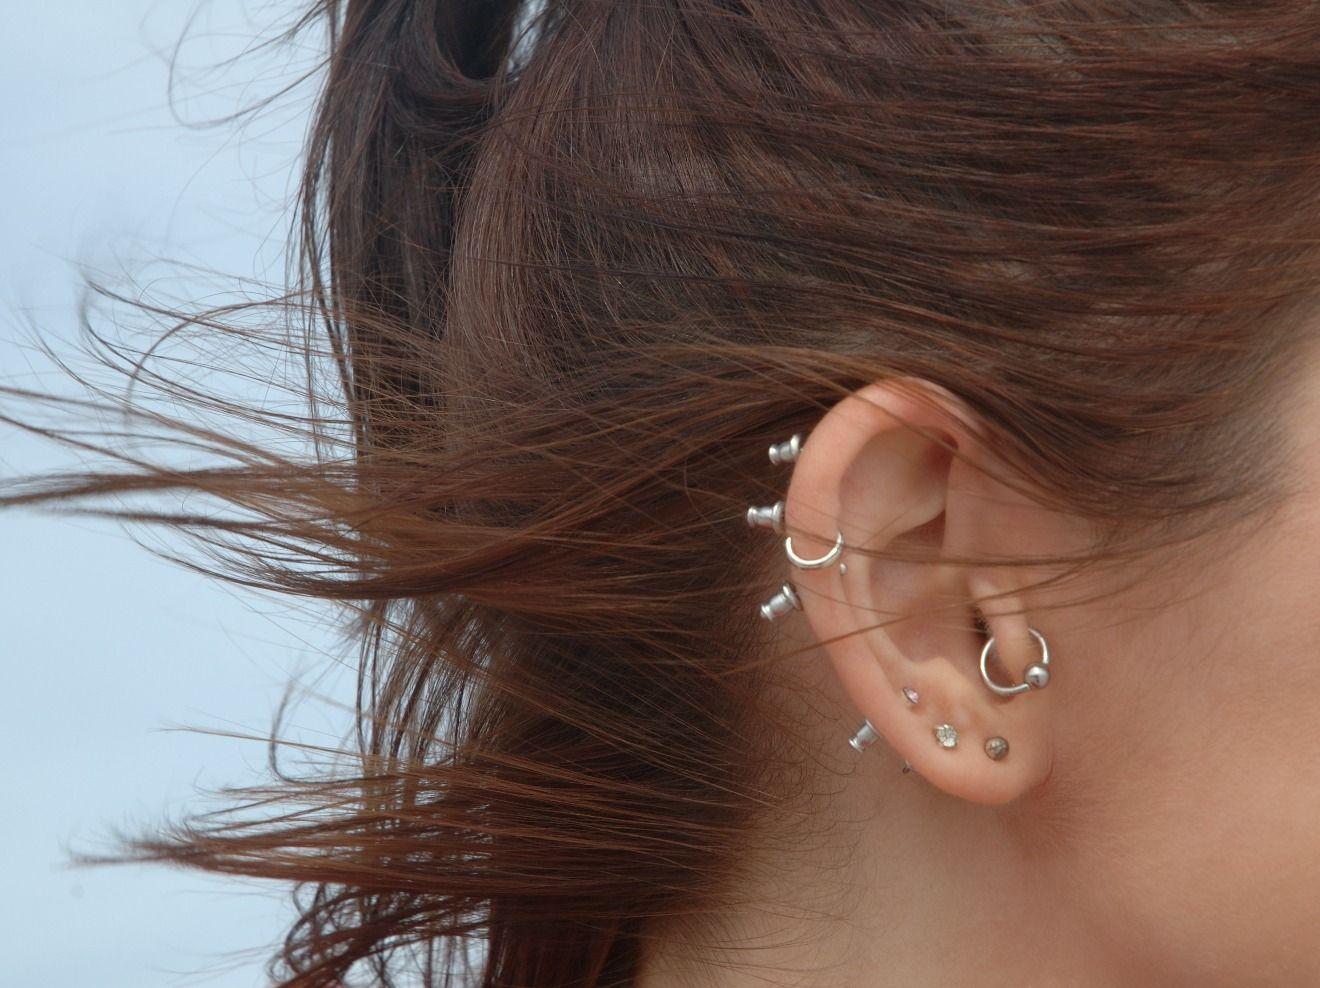 Entzündet ohr piercing Piercing rausnehmen